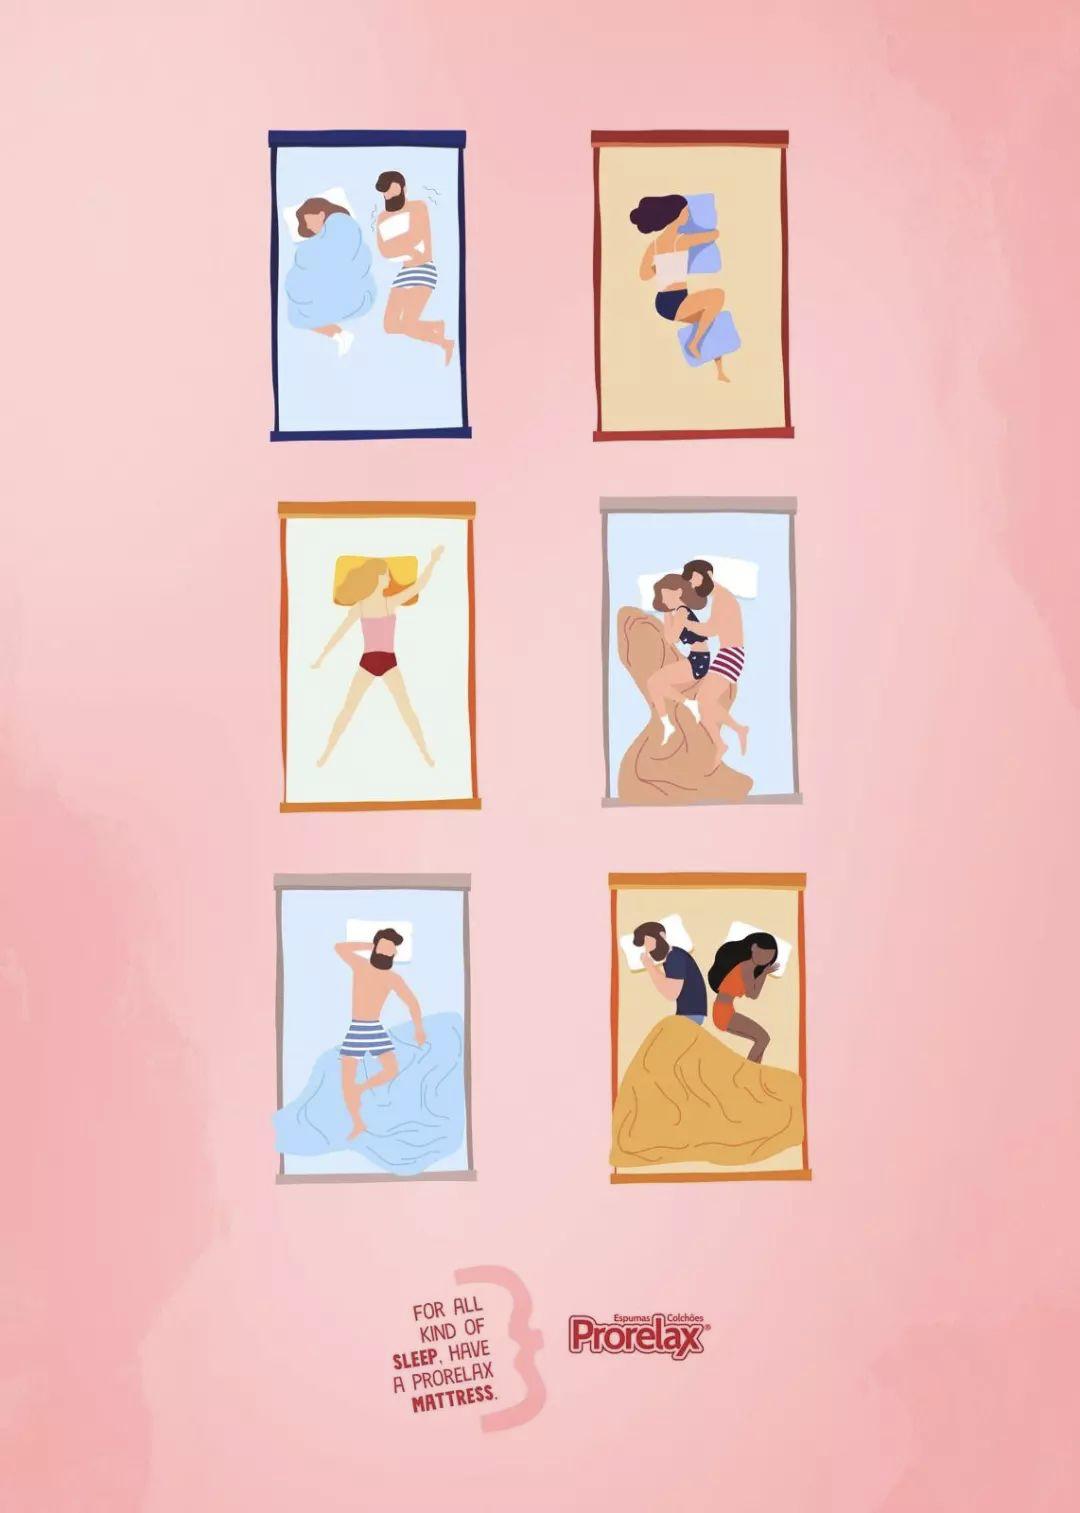 创意海报设计赏析  这些海报设计也太有趣了吧